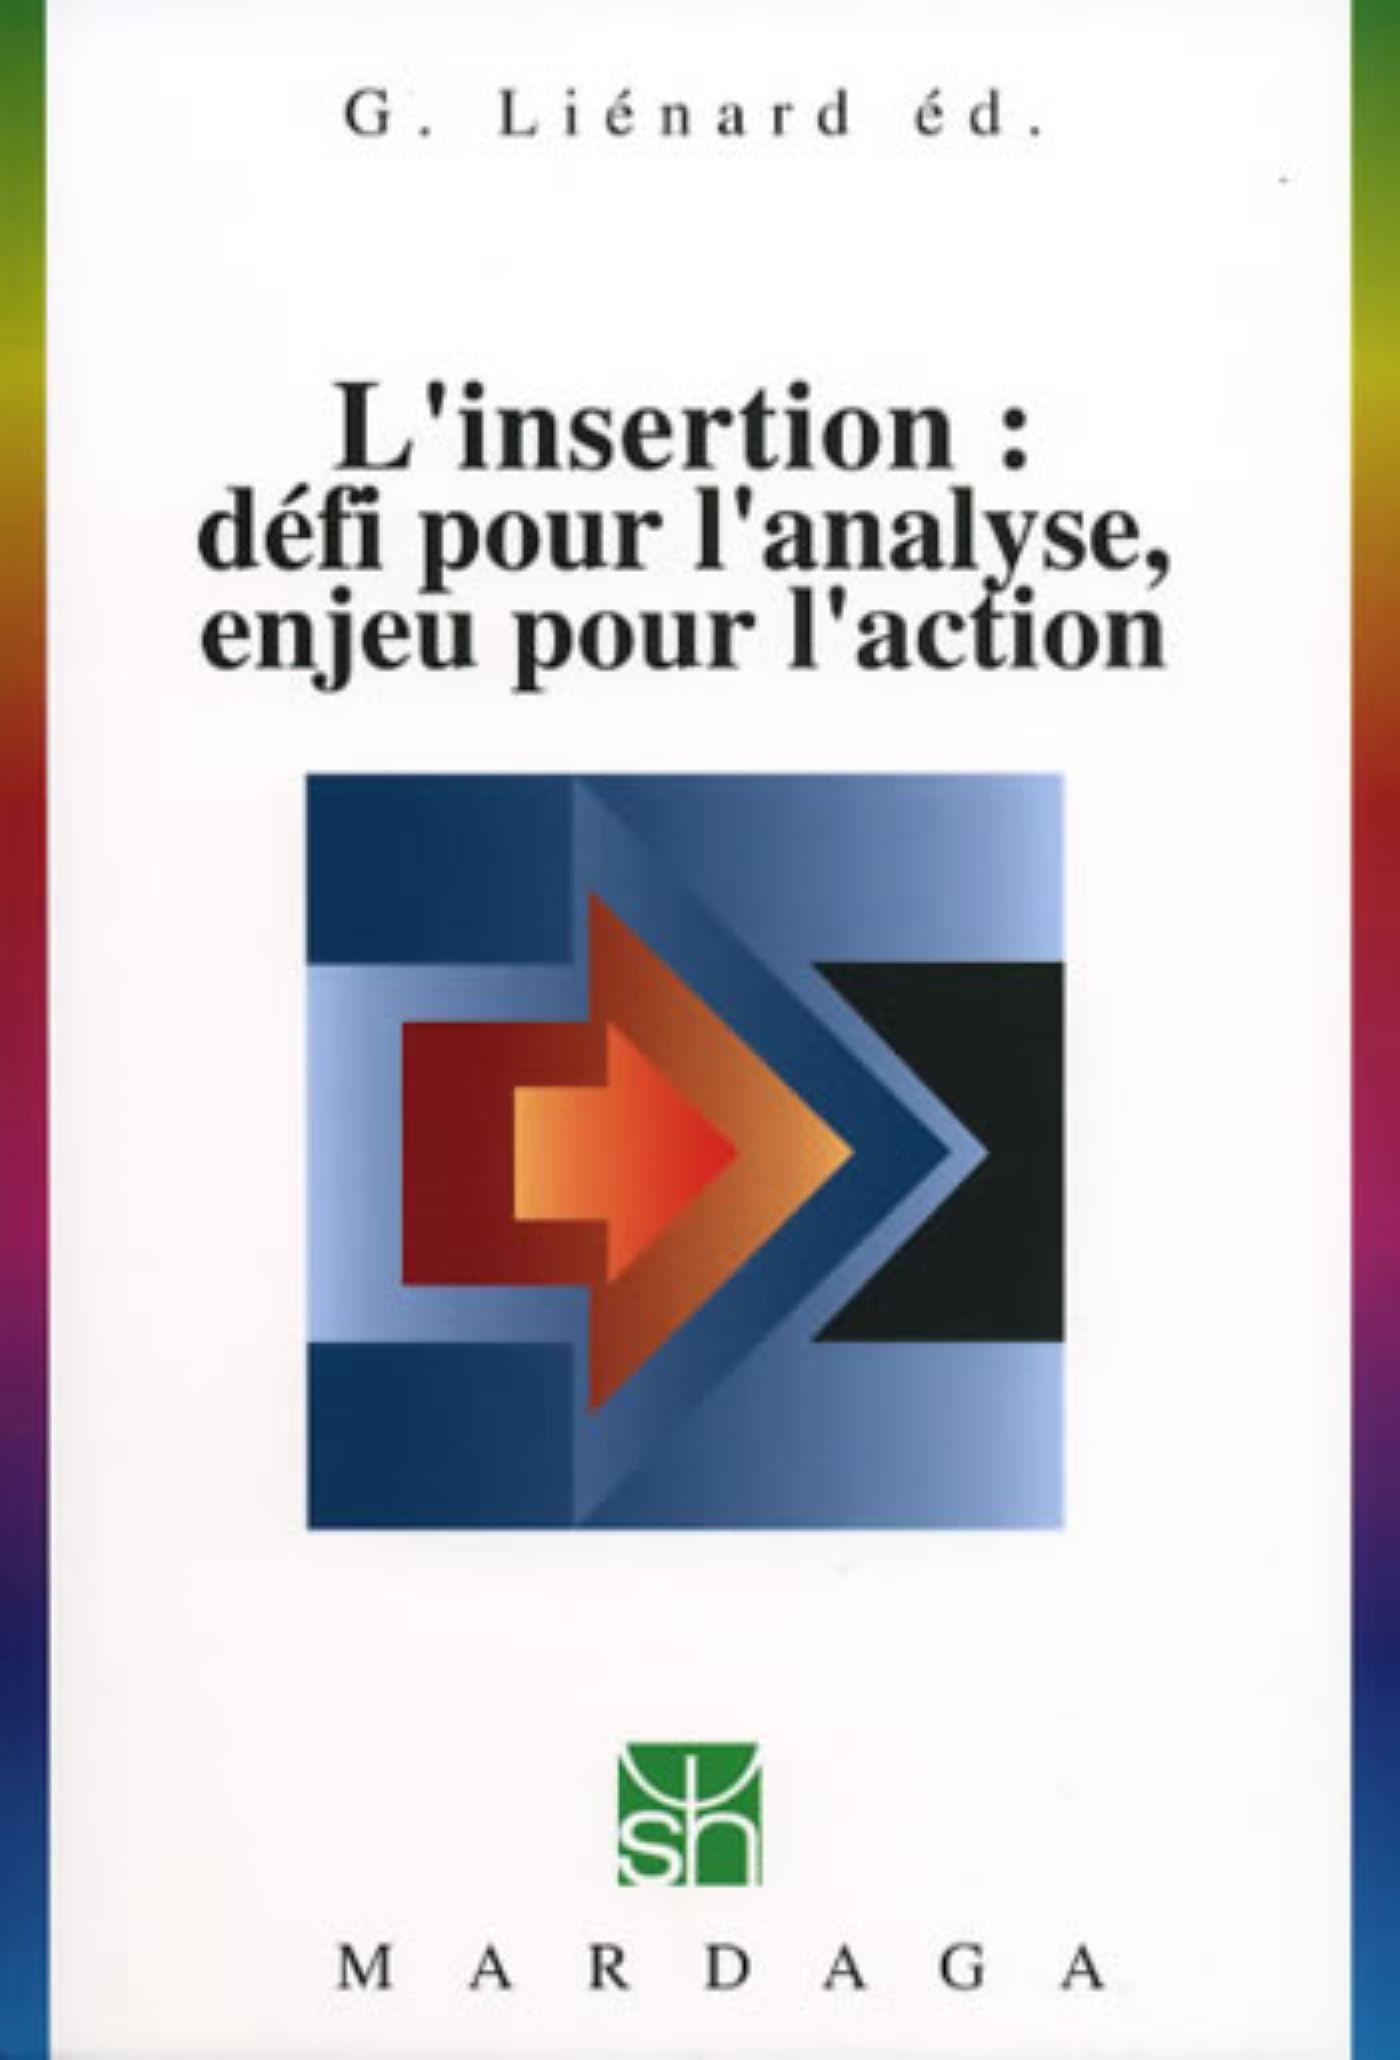 INSERTION : DEFI POUR L'ANALYSE, ENJEU POUR L'ACTION